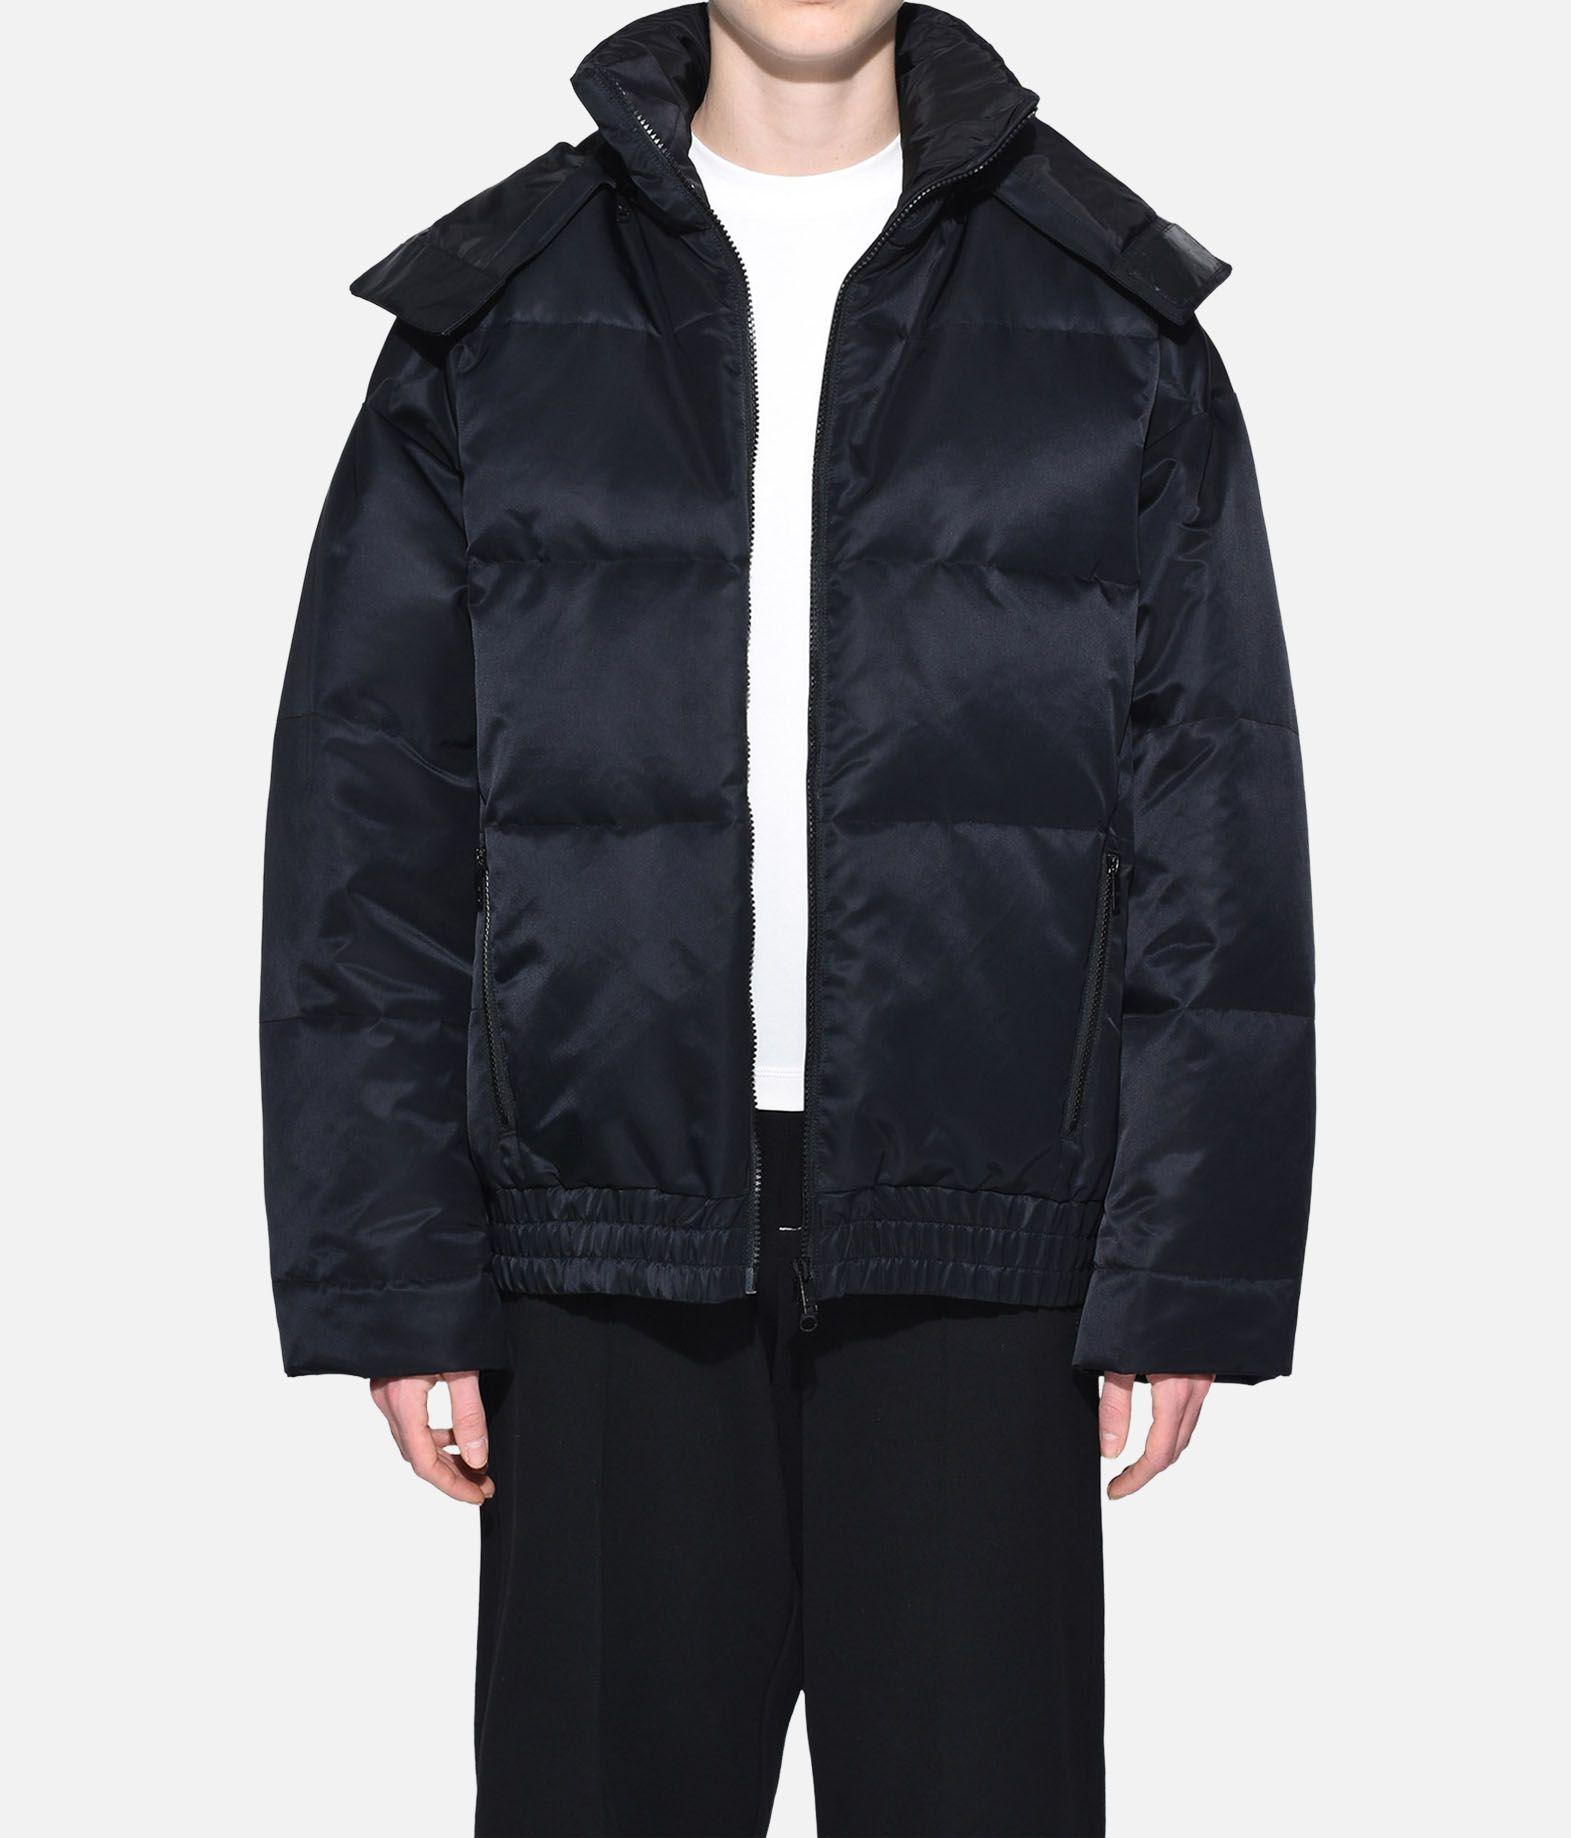 Y-3 Y-3 Down Hoodie Jacket Piumino Donna r